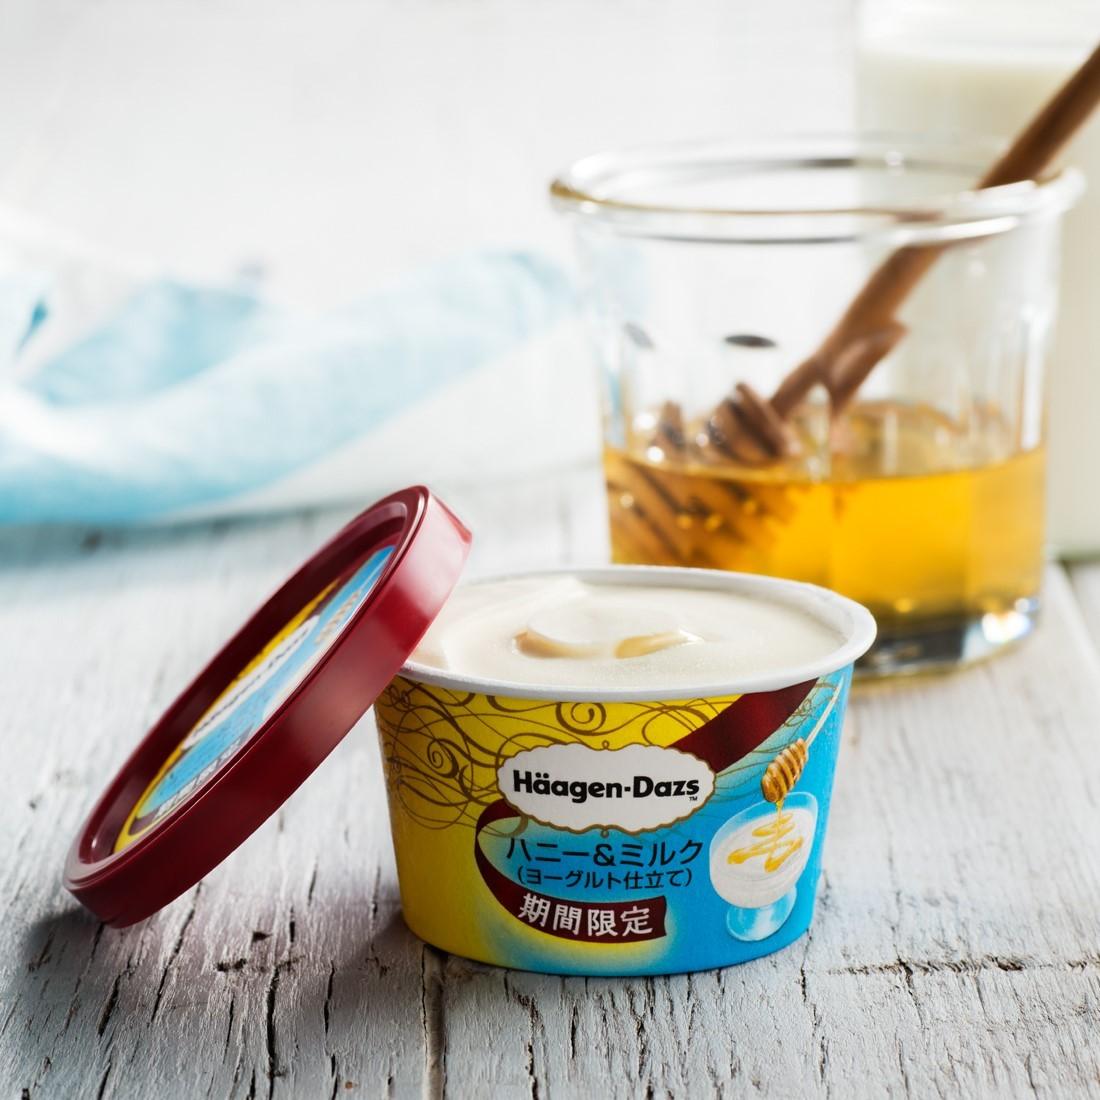 構想4年のフレーバー◆期間限定ハーゲンダッツ「ハニー&ミルク(ヨーグルト仕立て)」ヨーグルト風味の濃厚なミルクアイスクリームの中にハニーソース、4/19より発売!